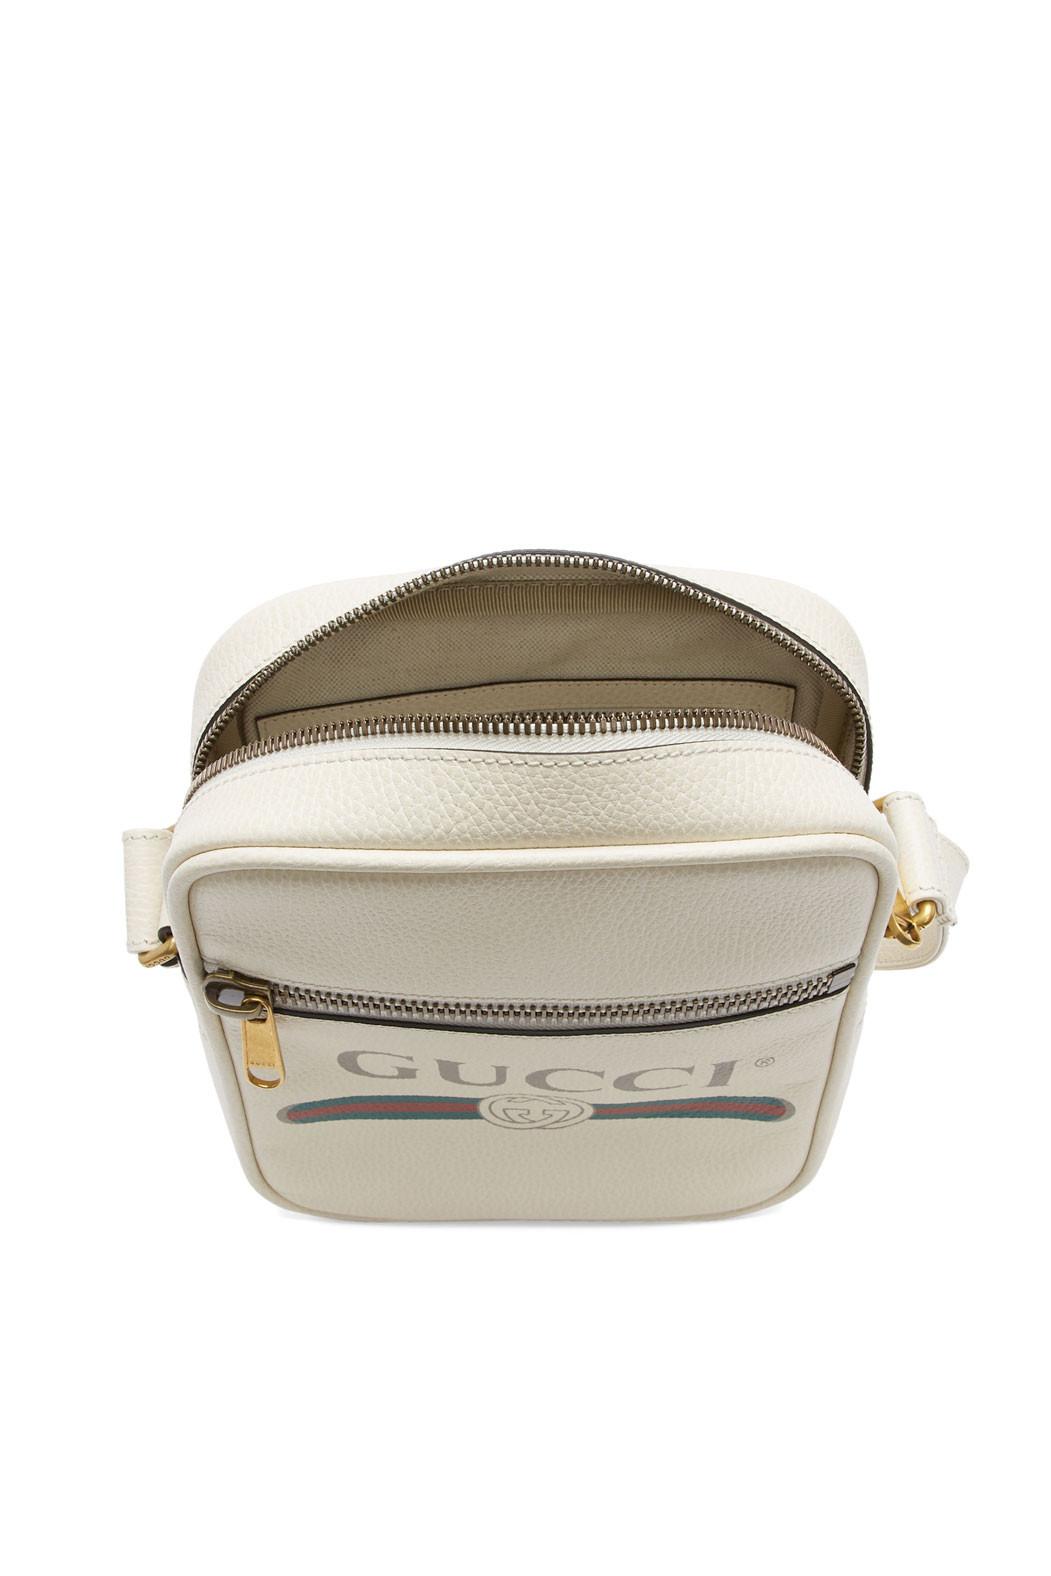 gucci-logo-ivory-messenger-bag-release-03